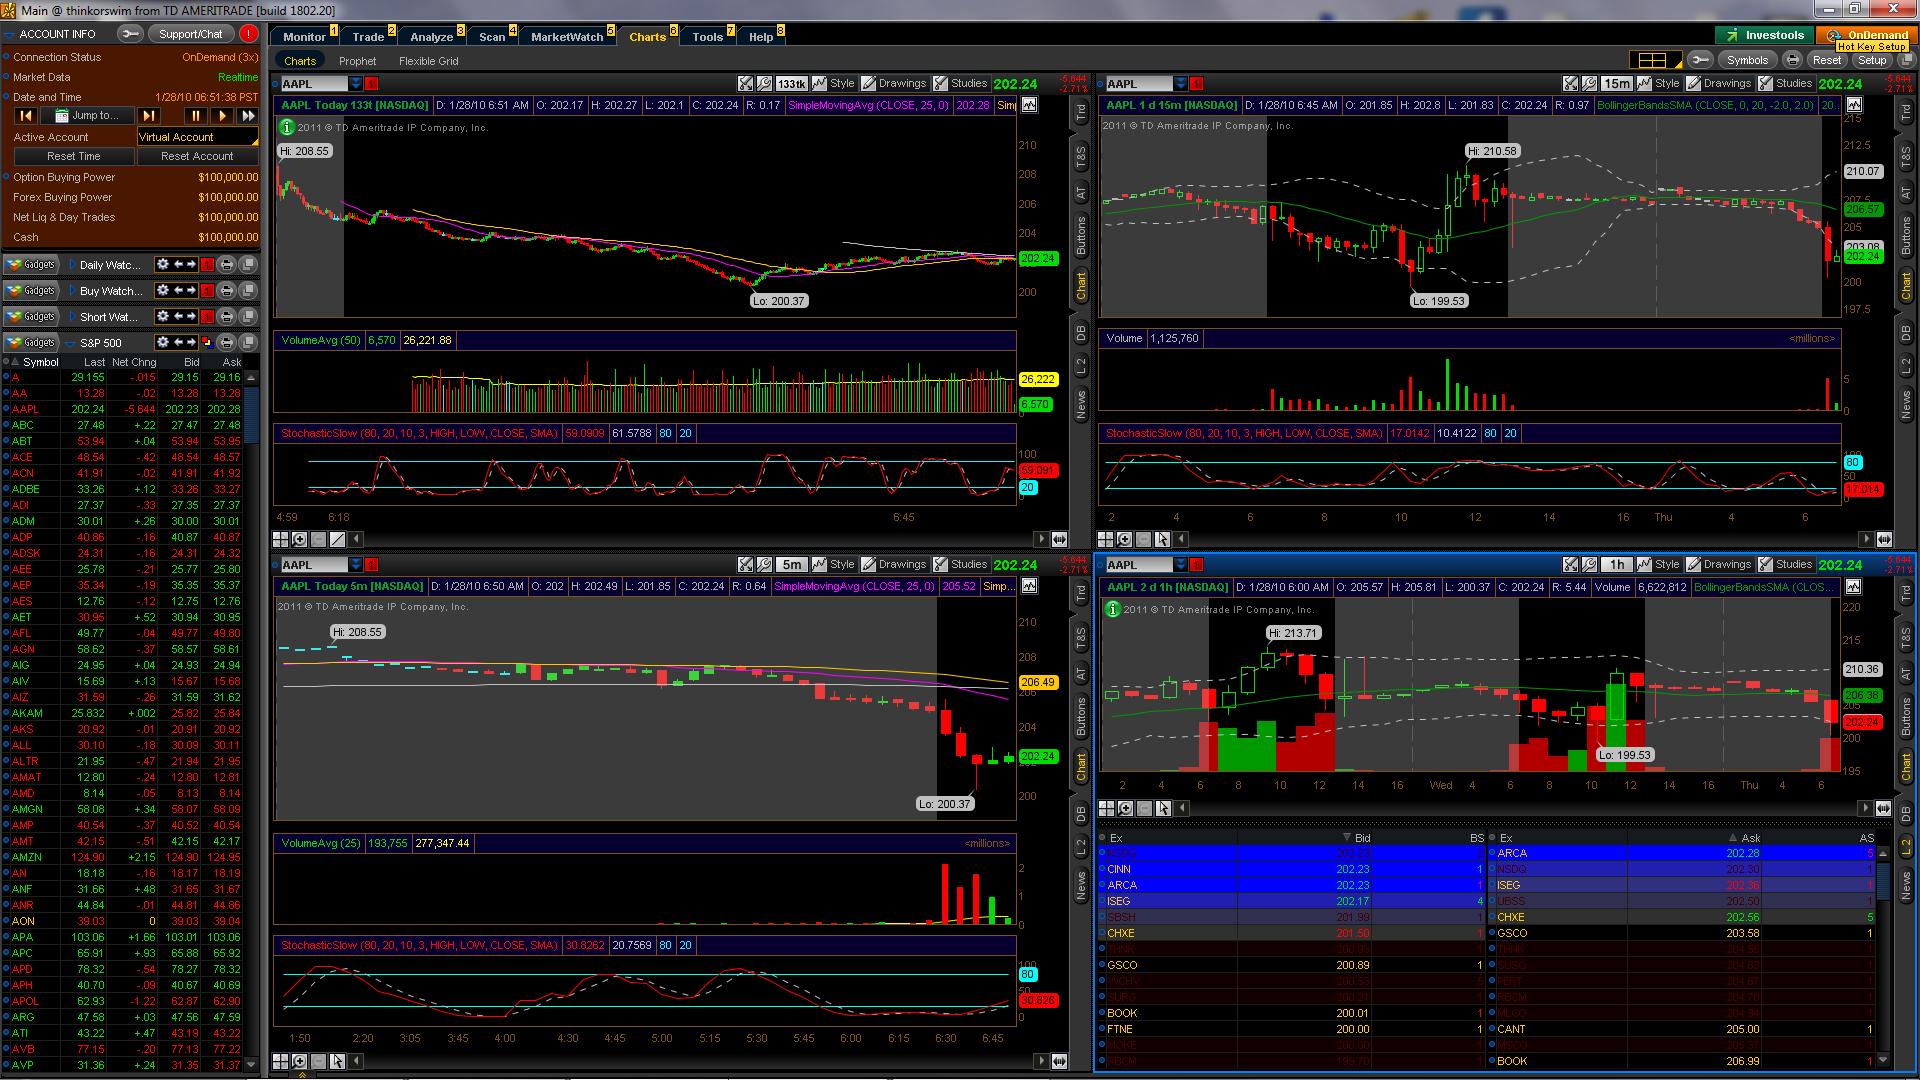 September 11 options trading 8s - vip-102.ru